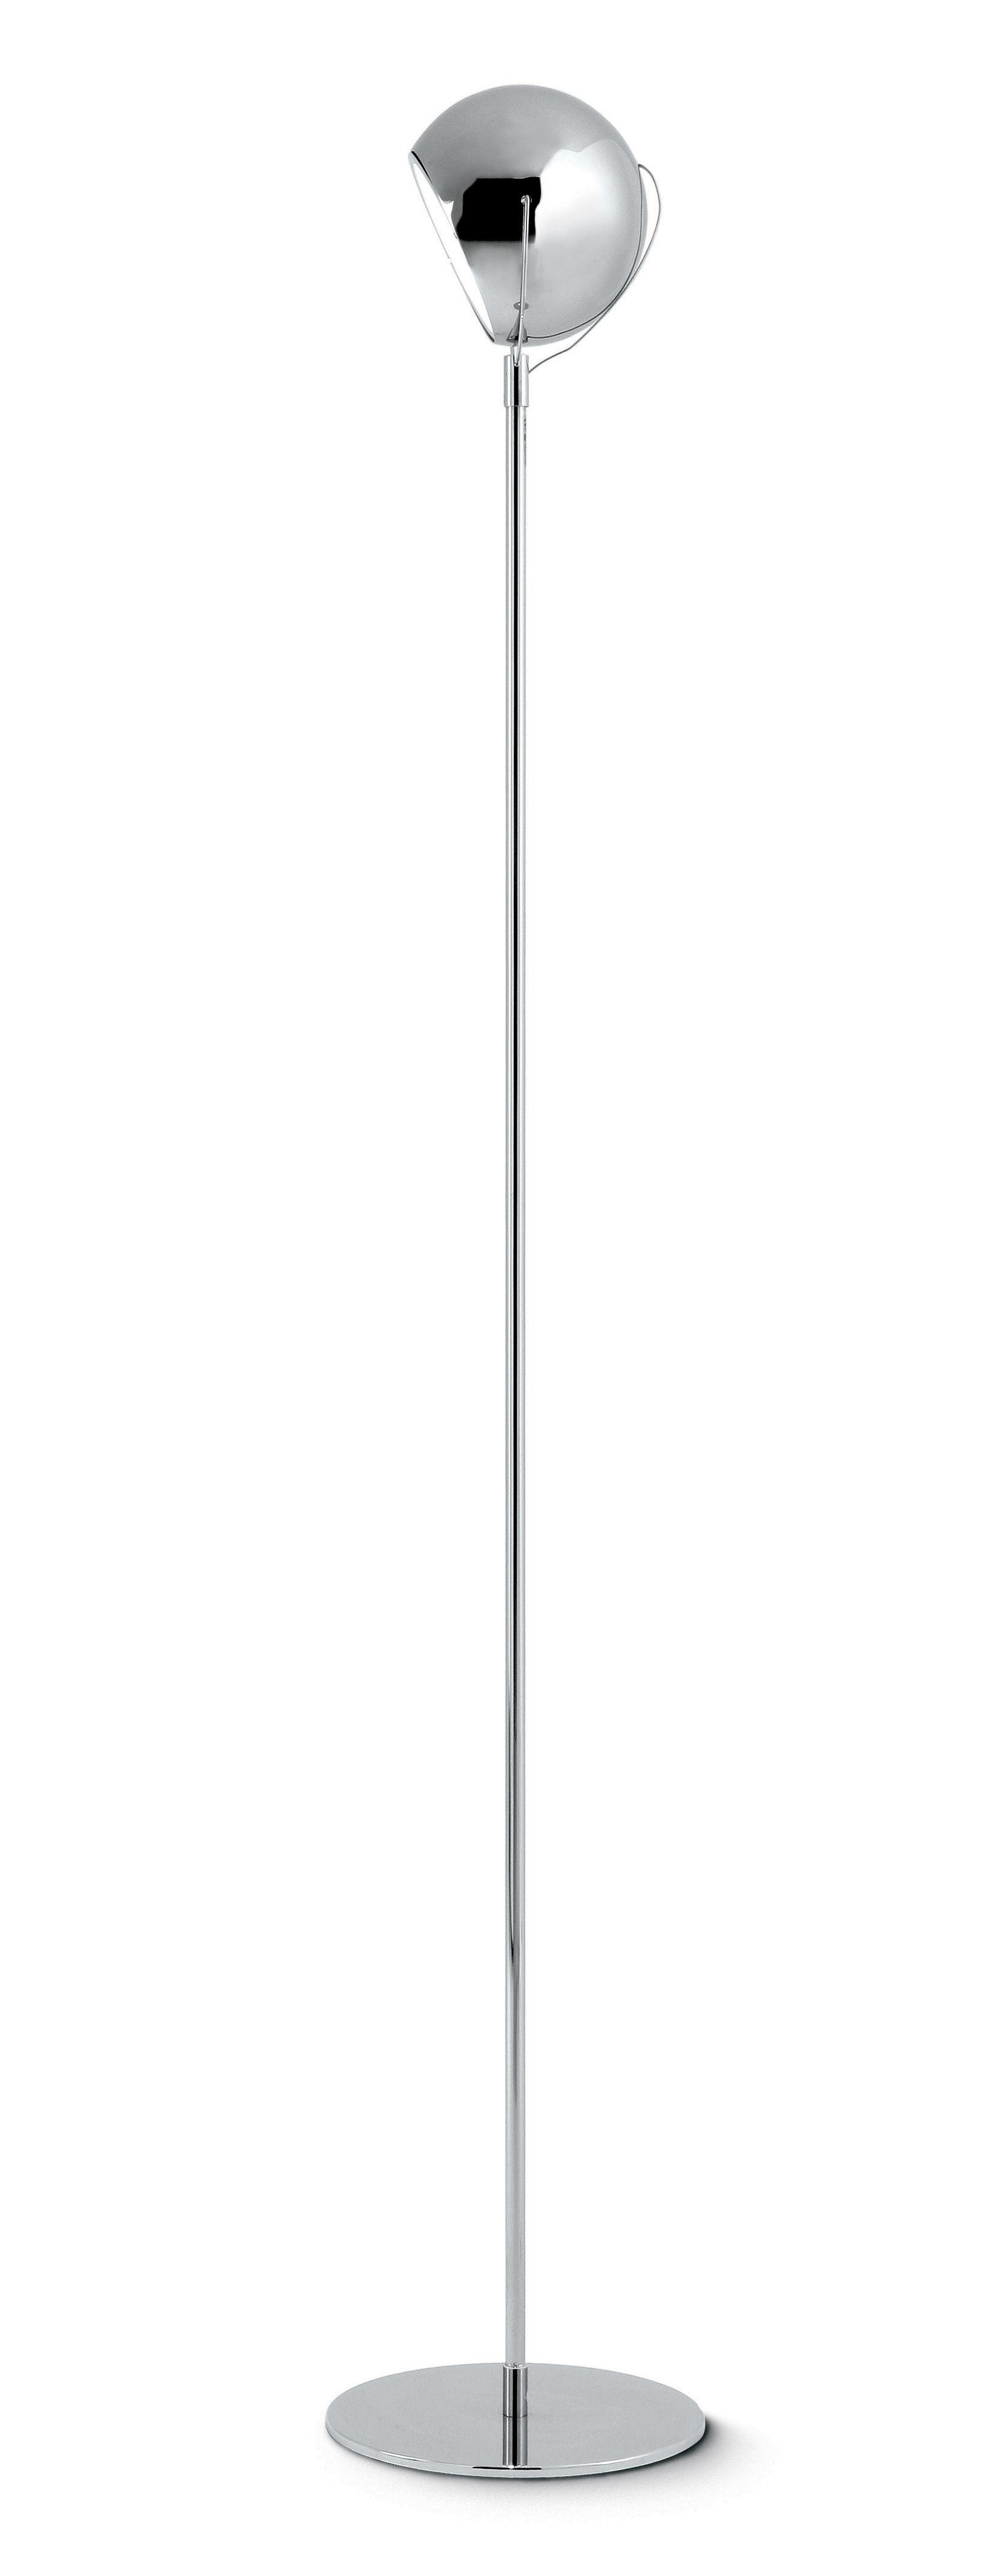 Luminaire - Lampadaires - Lampadaire Beluga / version métal - Fabbian - Métal chromé - Métal chromé